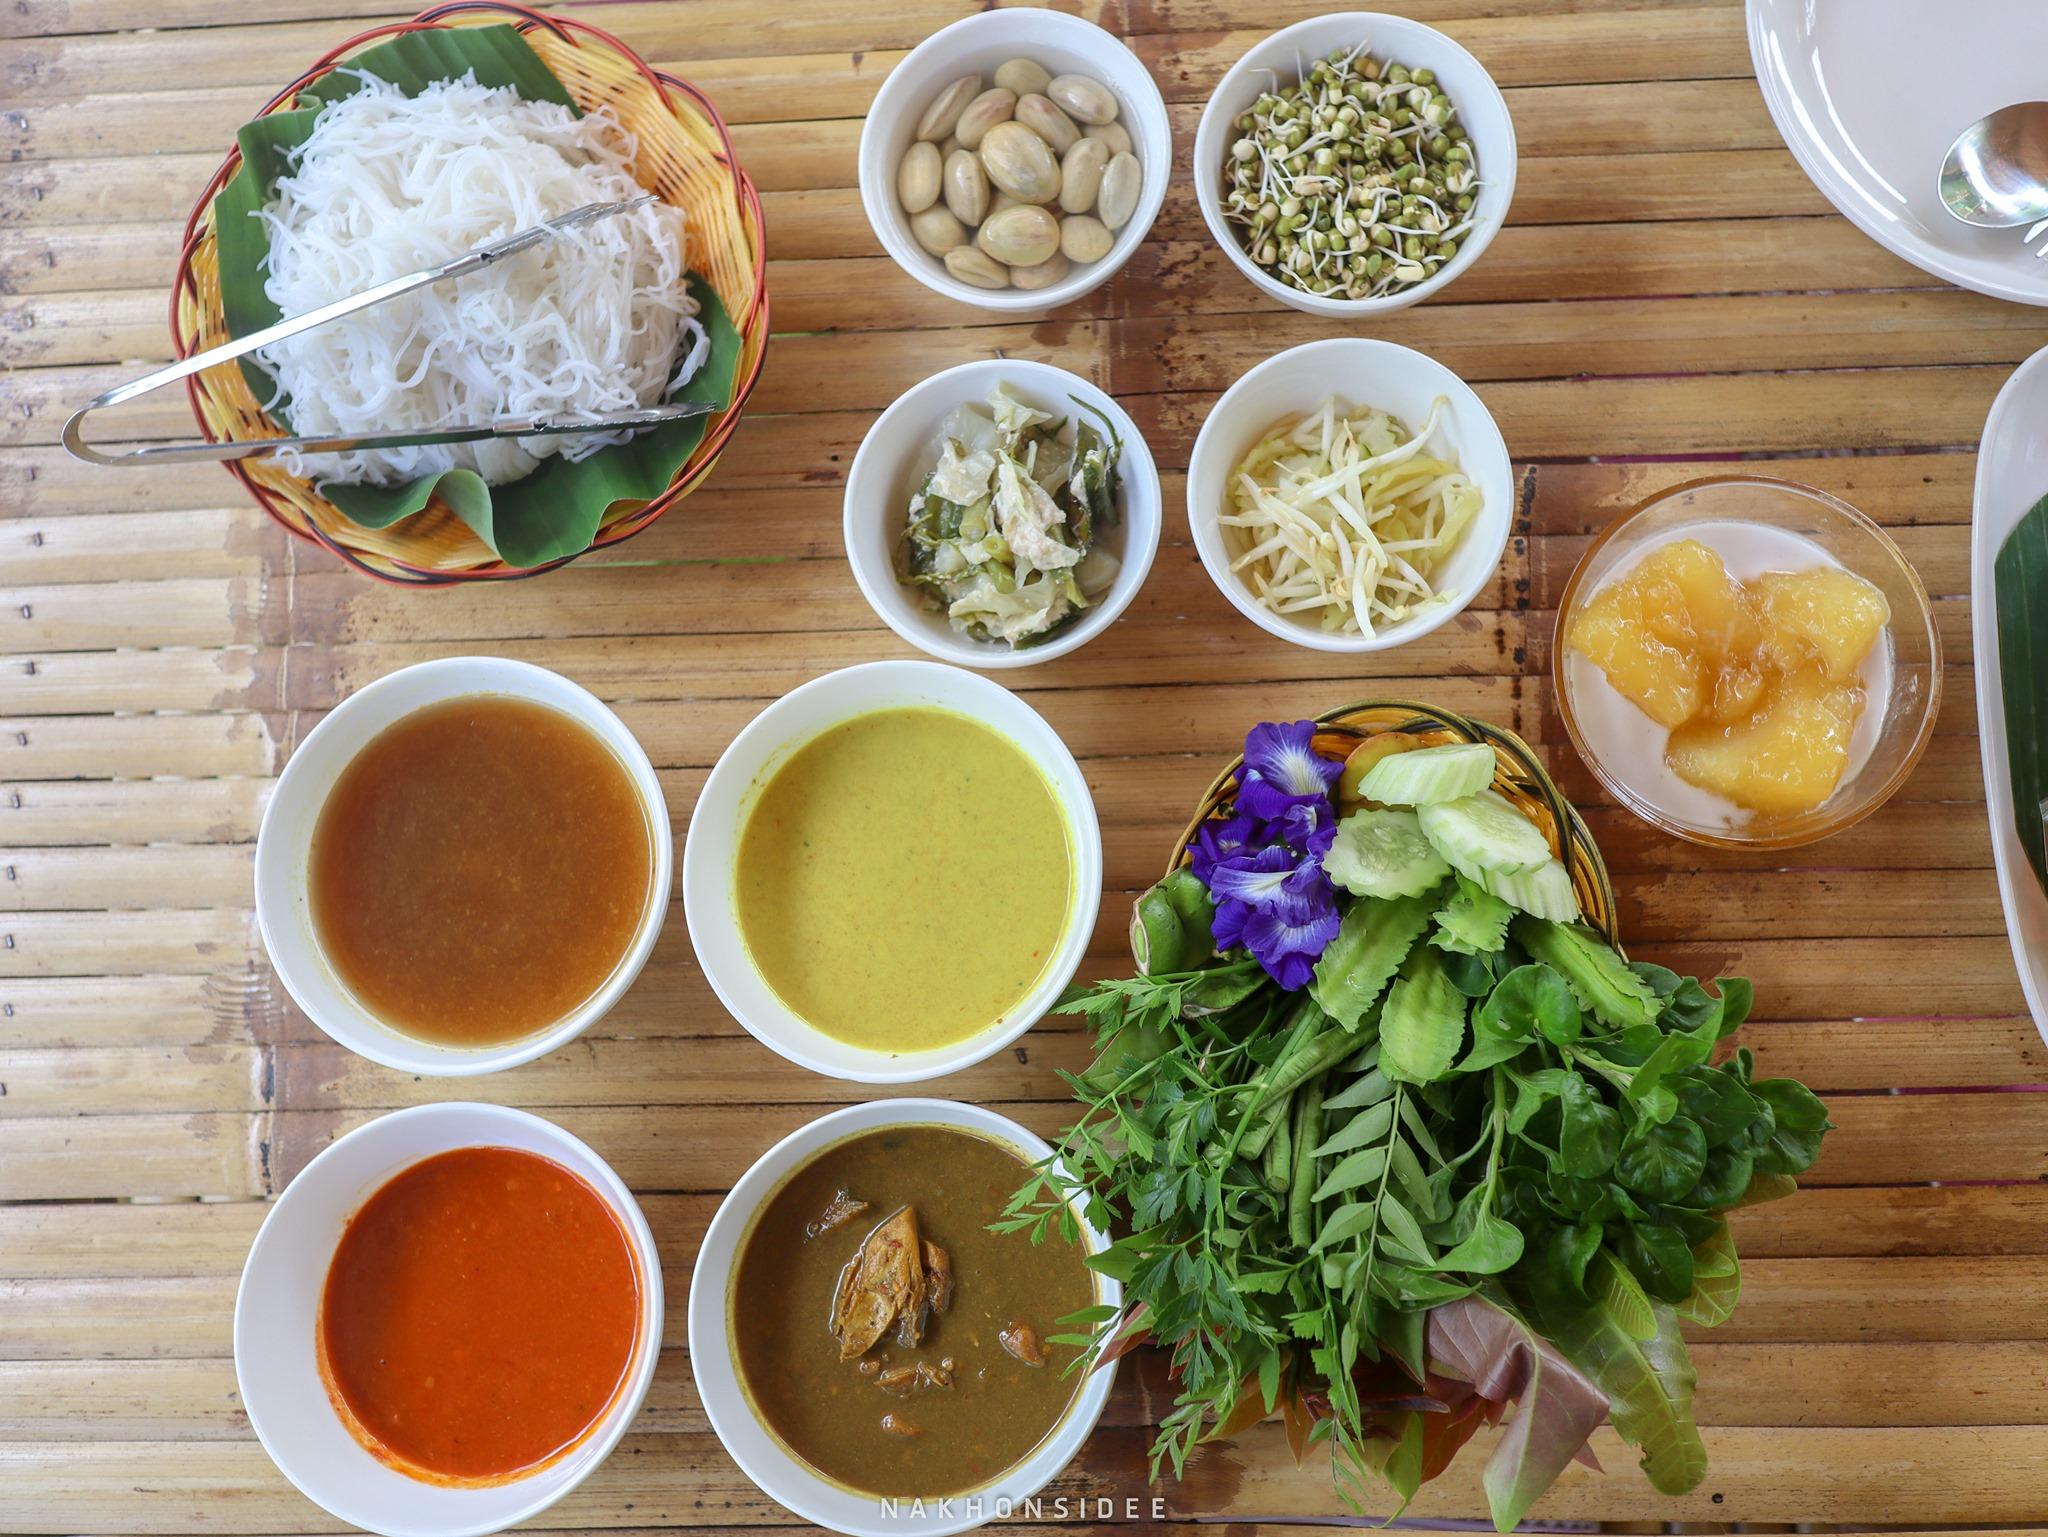 ขนมจีน,ลานสกา,ขุนทะเล,ของกิน,อร่อย,เด็ด,นครศรีธรรมราช